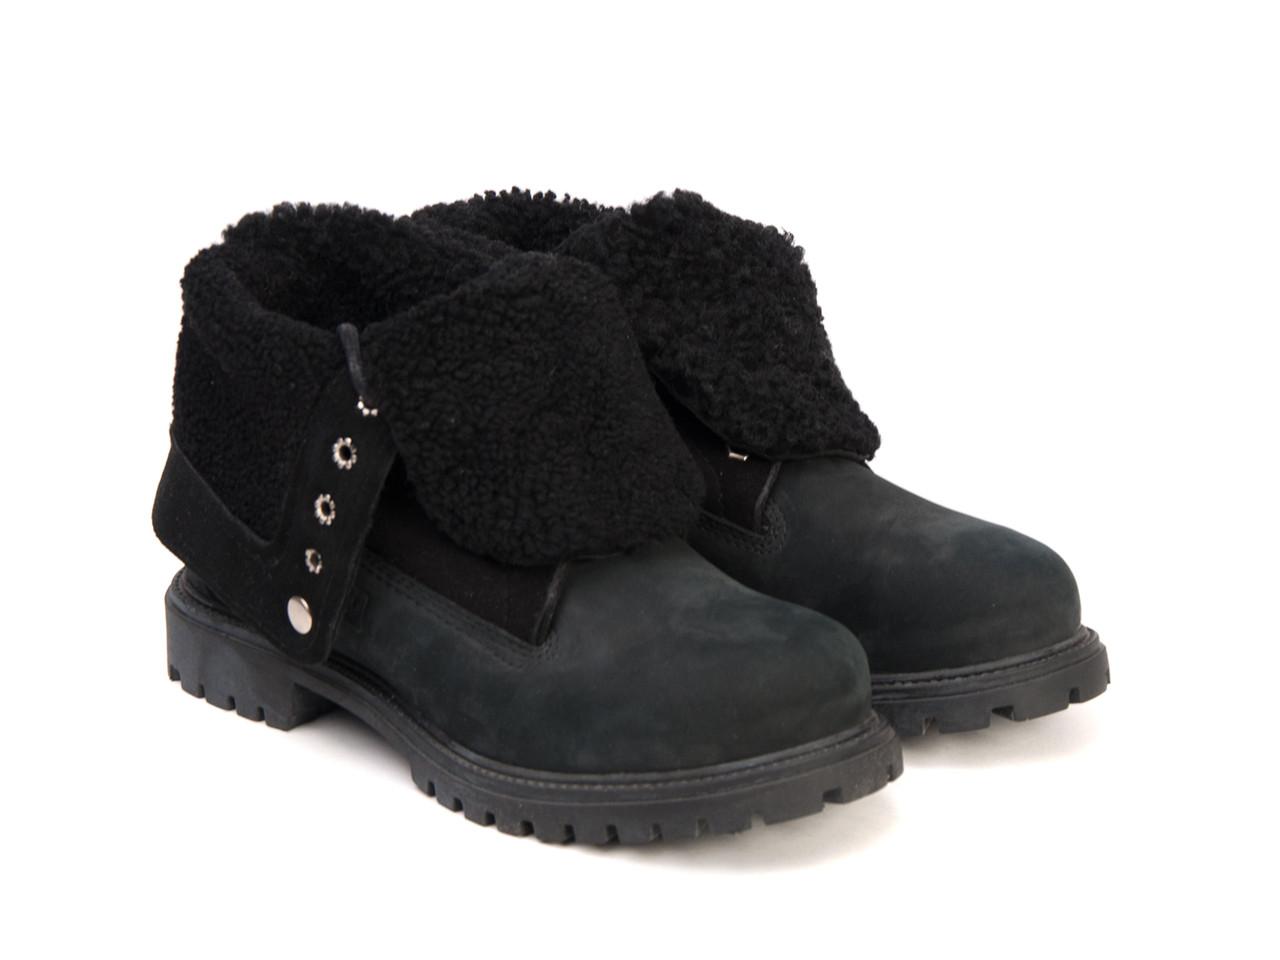 Ботинки Etor 10315-2298-1011 черные, фото 1